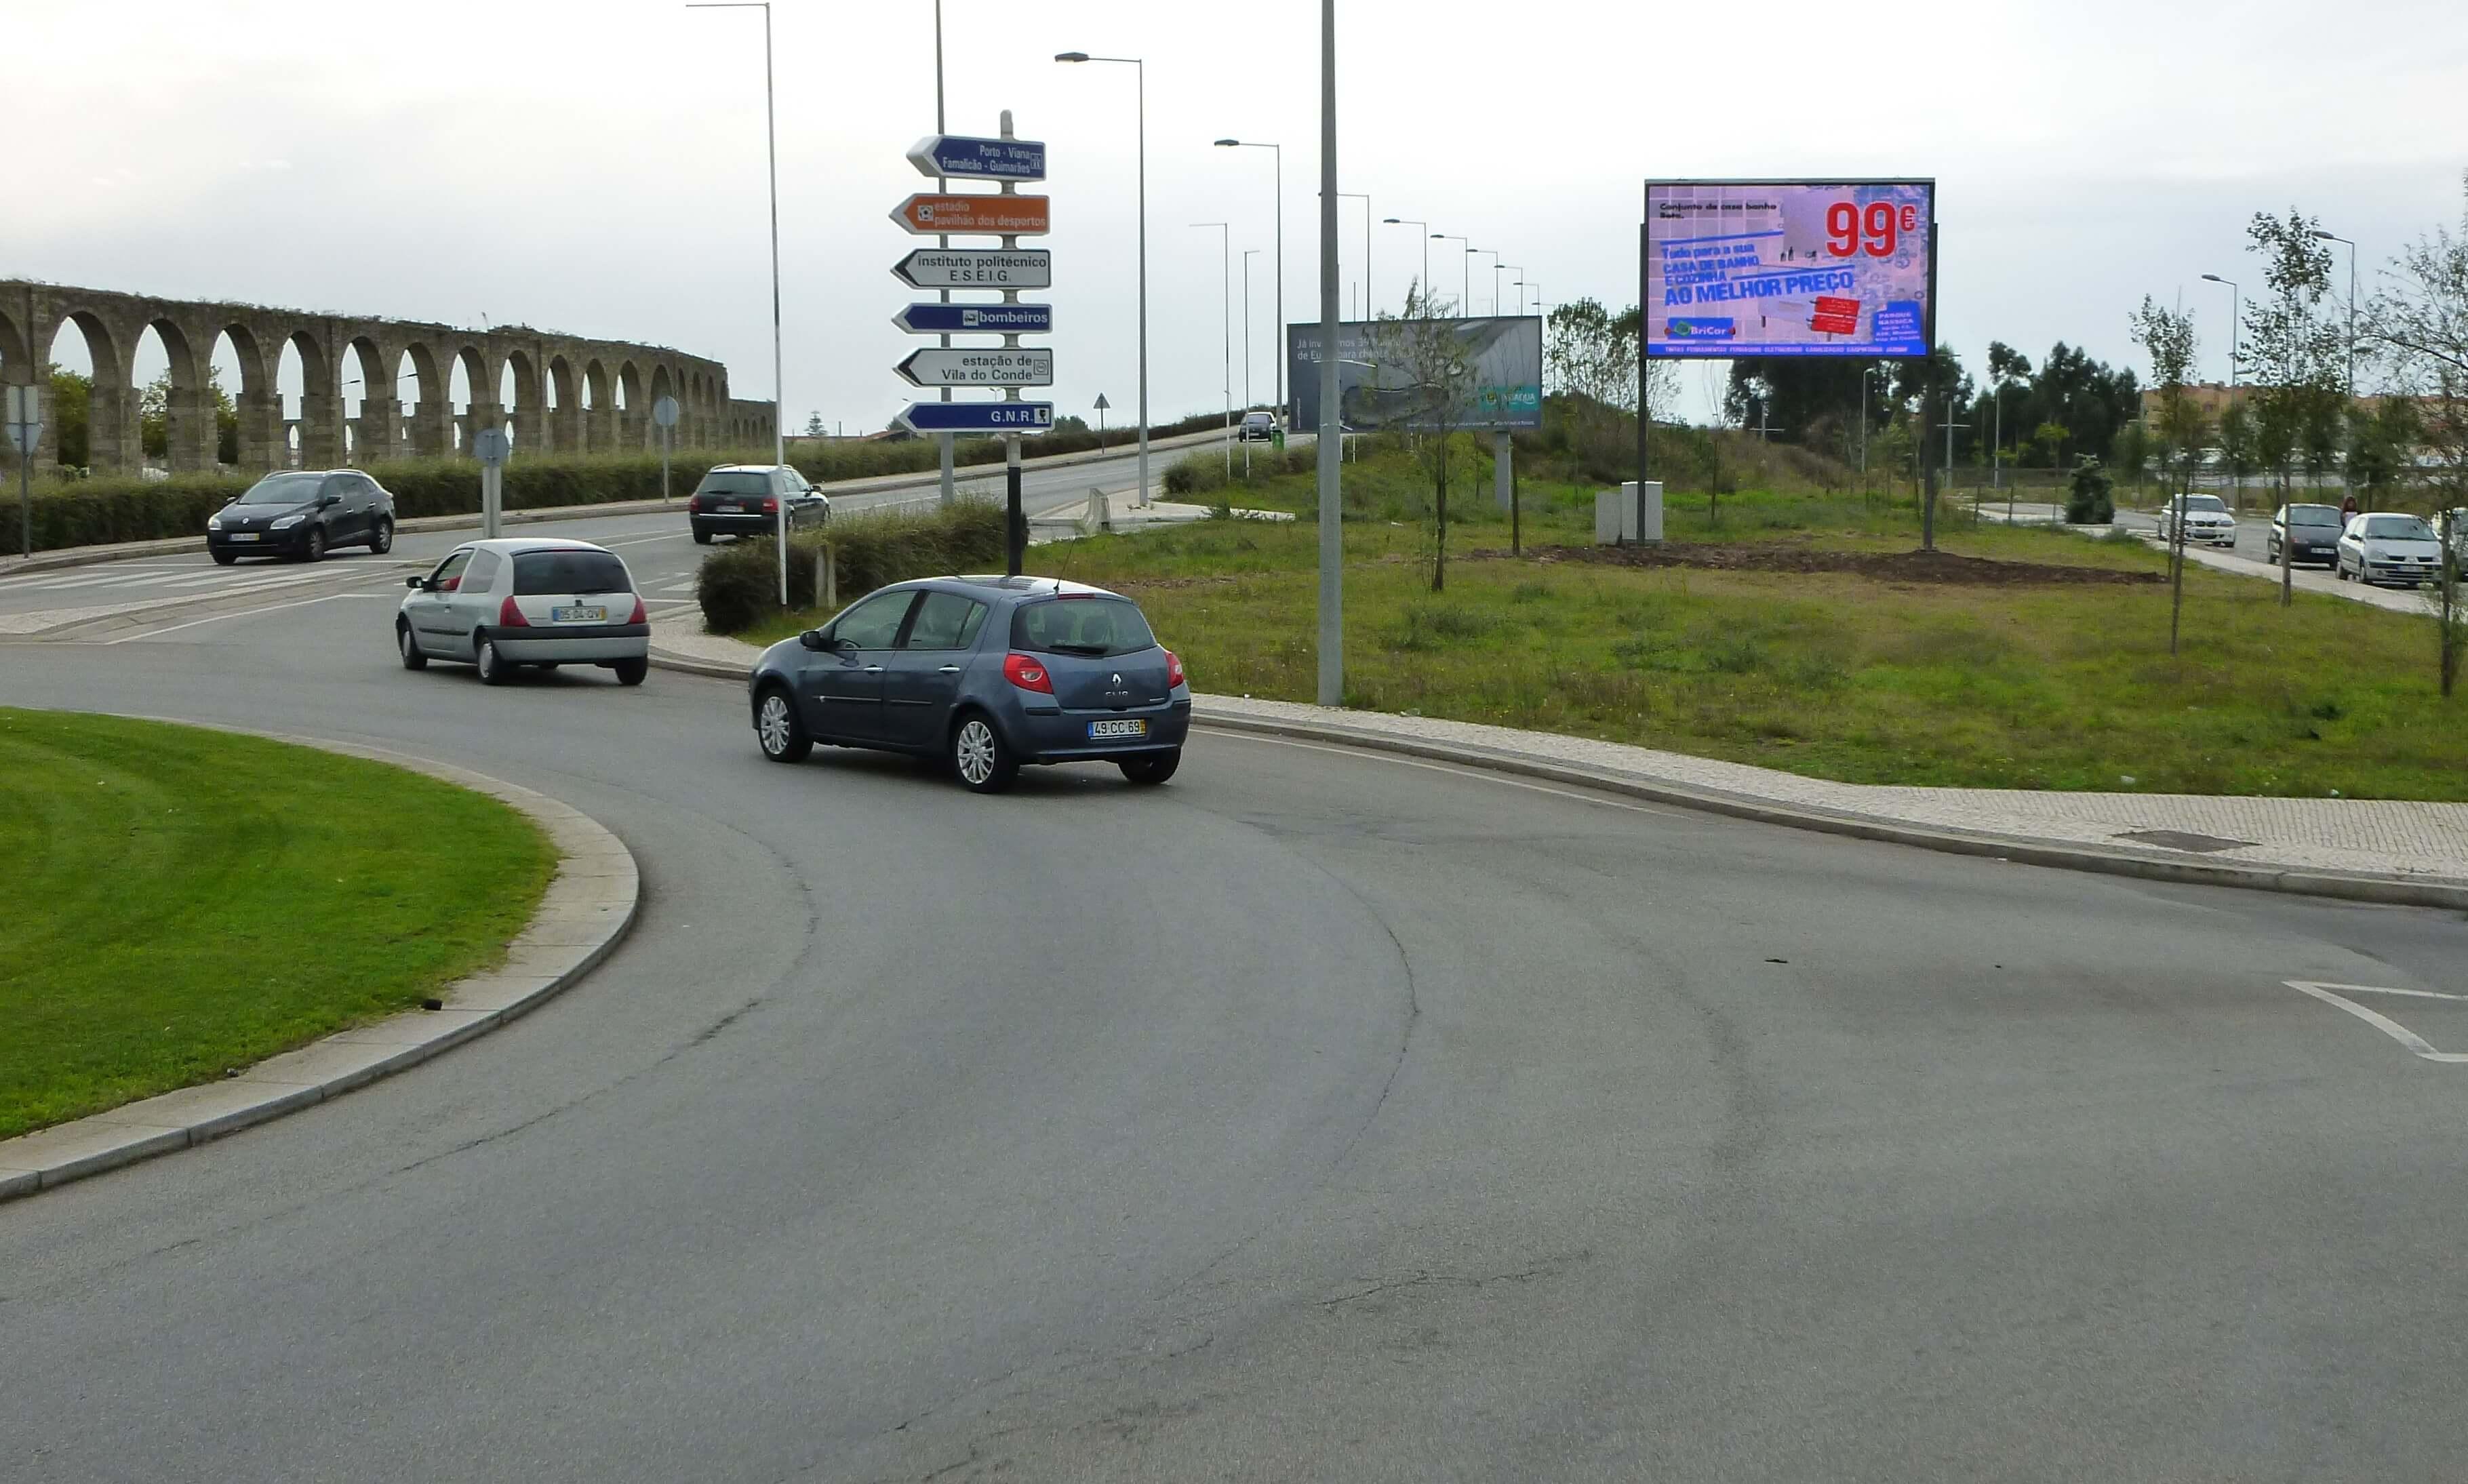 13-Vila-do-Conde-rotonda-Avda-do-Atlantico-Portugal-pantalla-de-15-m2